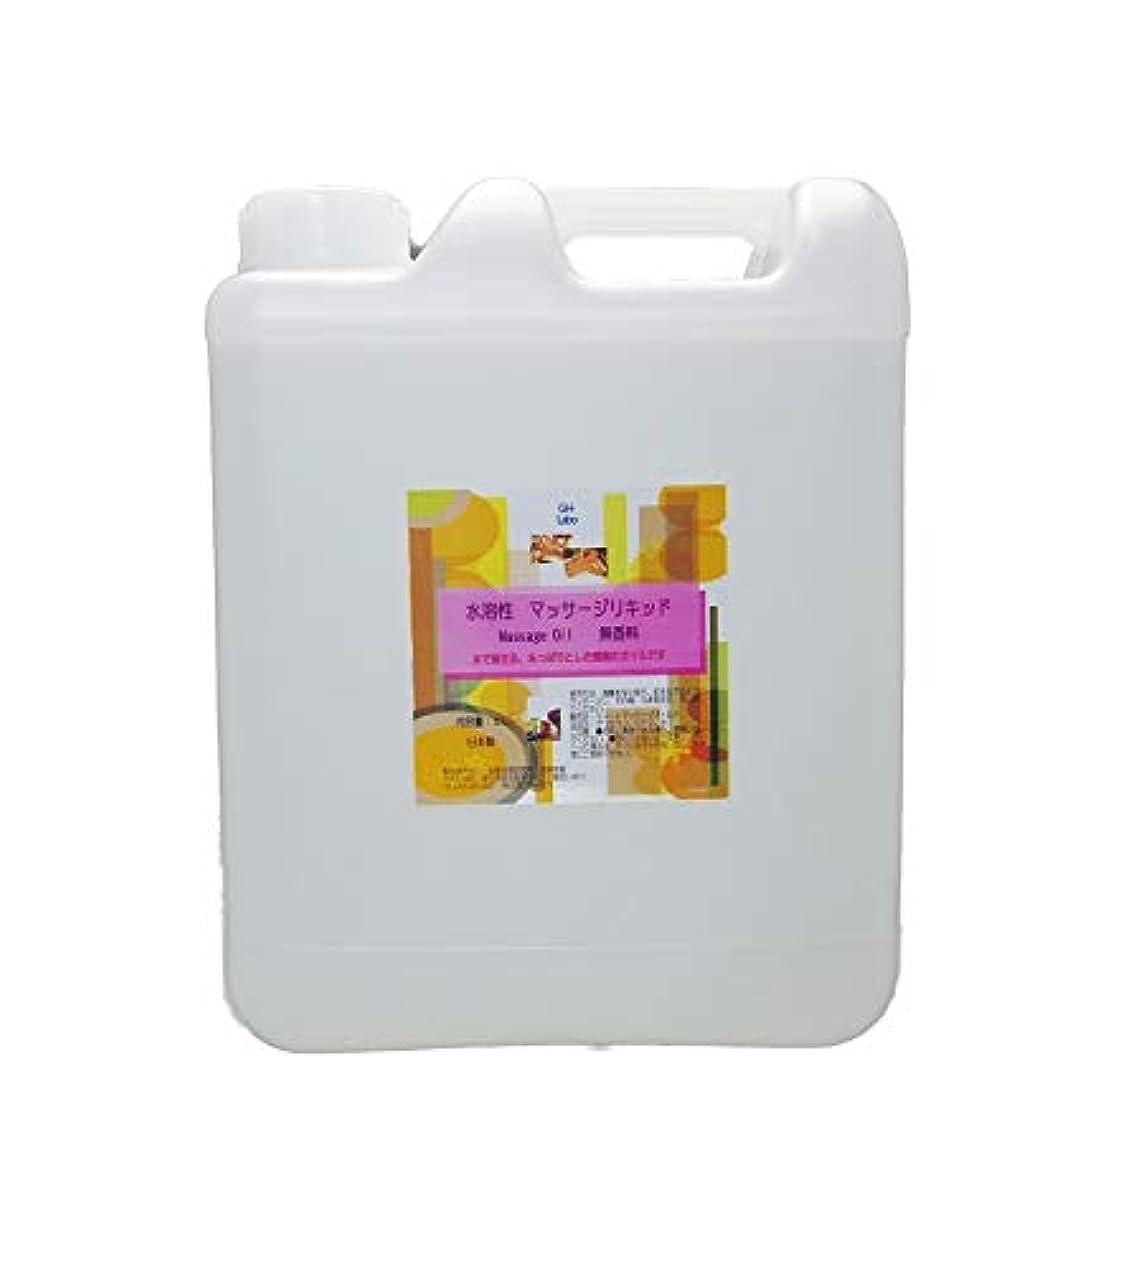 思春期ハント不均一GH-Labo 水溶性マッサージリキッド(マッサージオイル) 5L